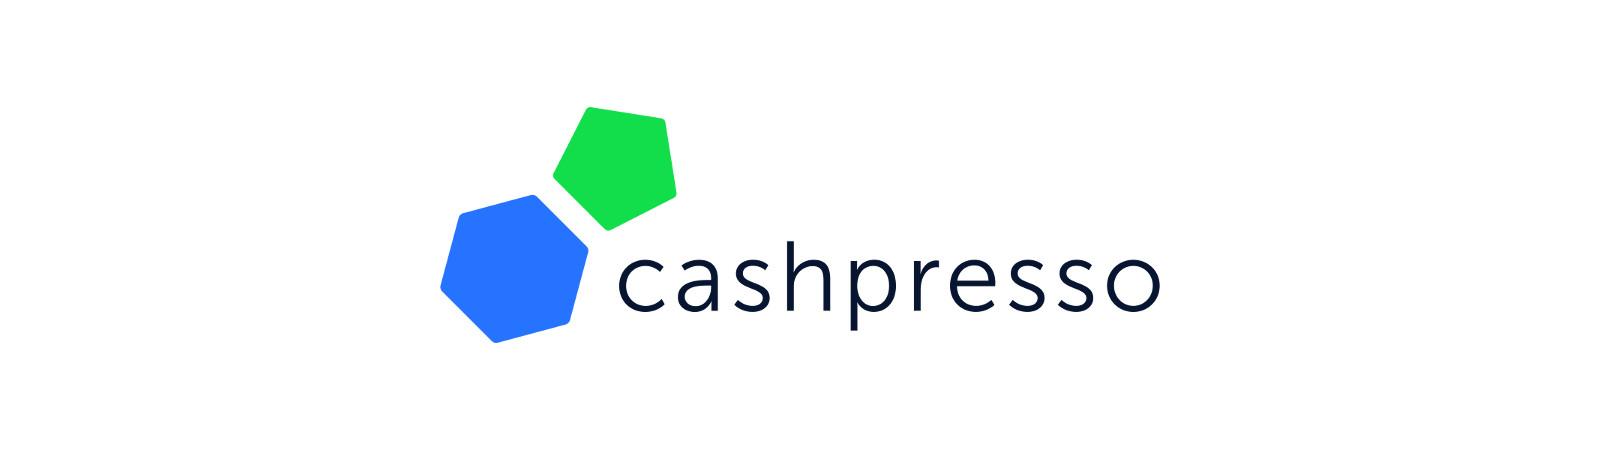 Das Cashpresso Logo